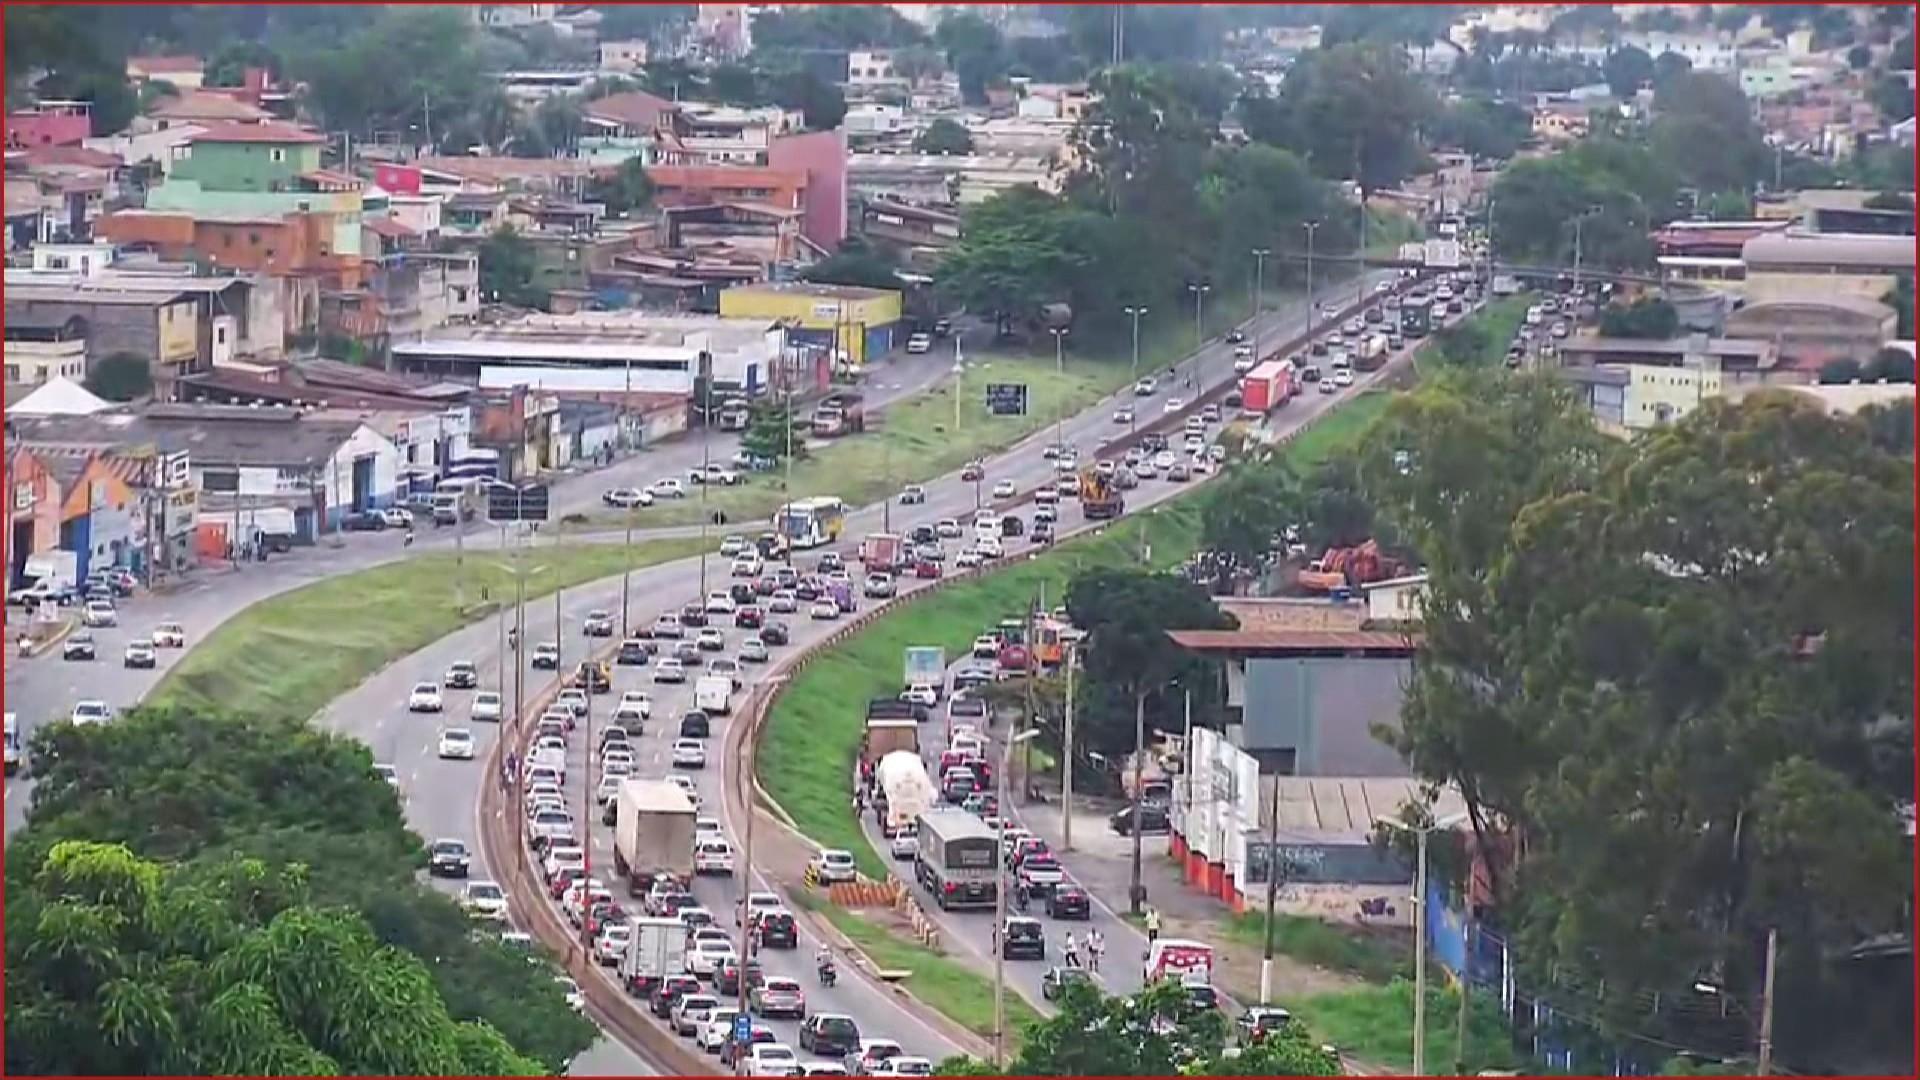 PM suspende uso de radares móveis em rodovias delegadas à corporação em Minas Gerais - Notícias - Plantão Diário